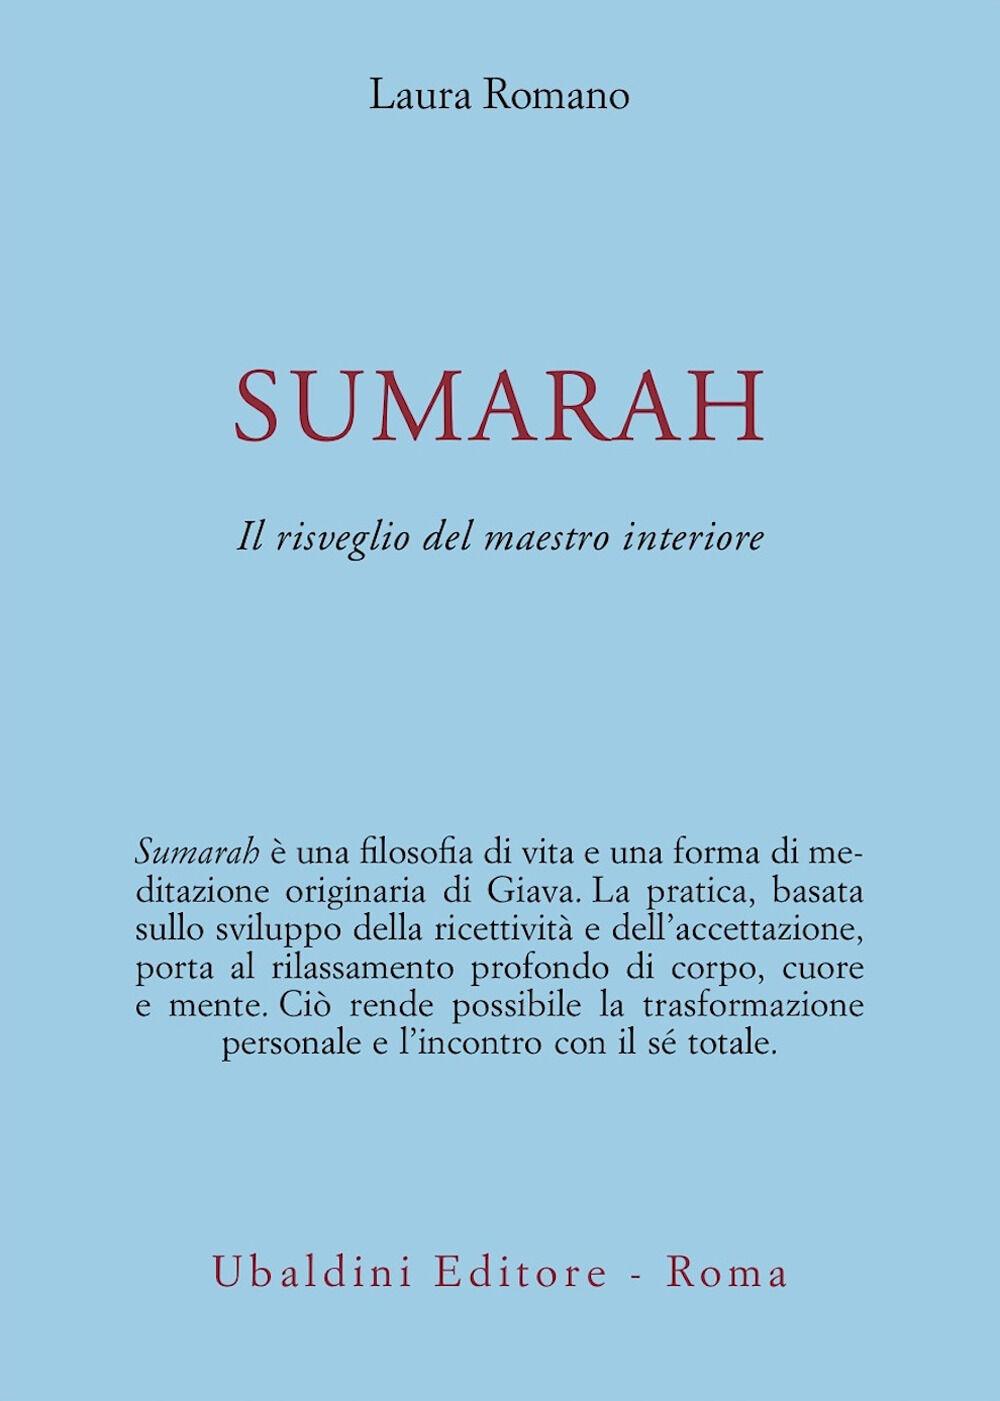 Sumarah: il risveglio del maestro interiore